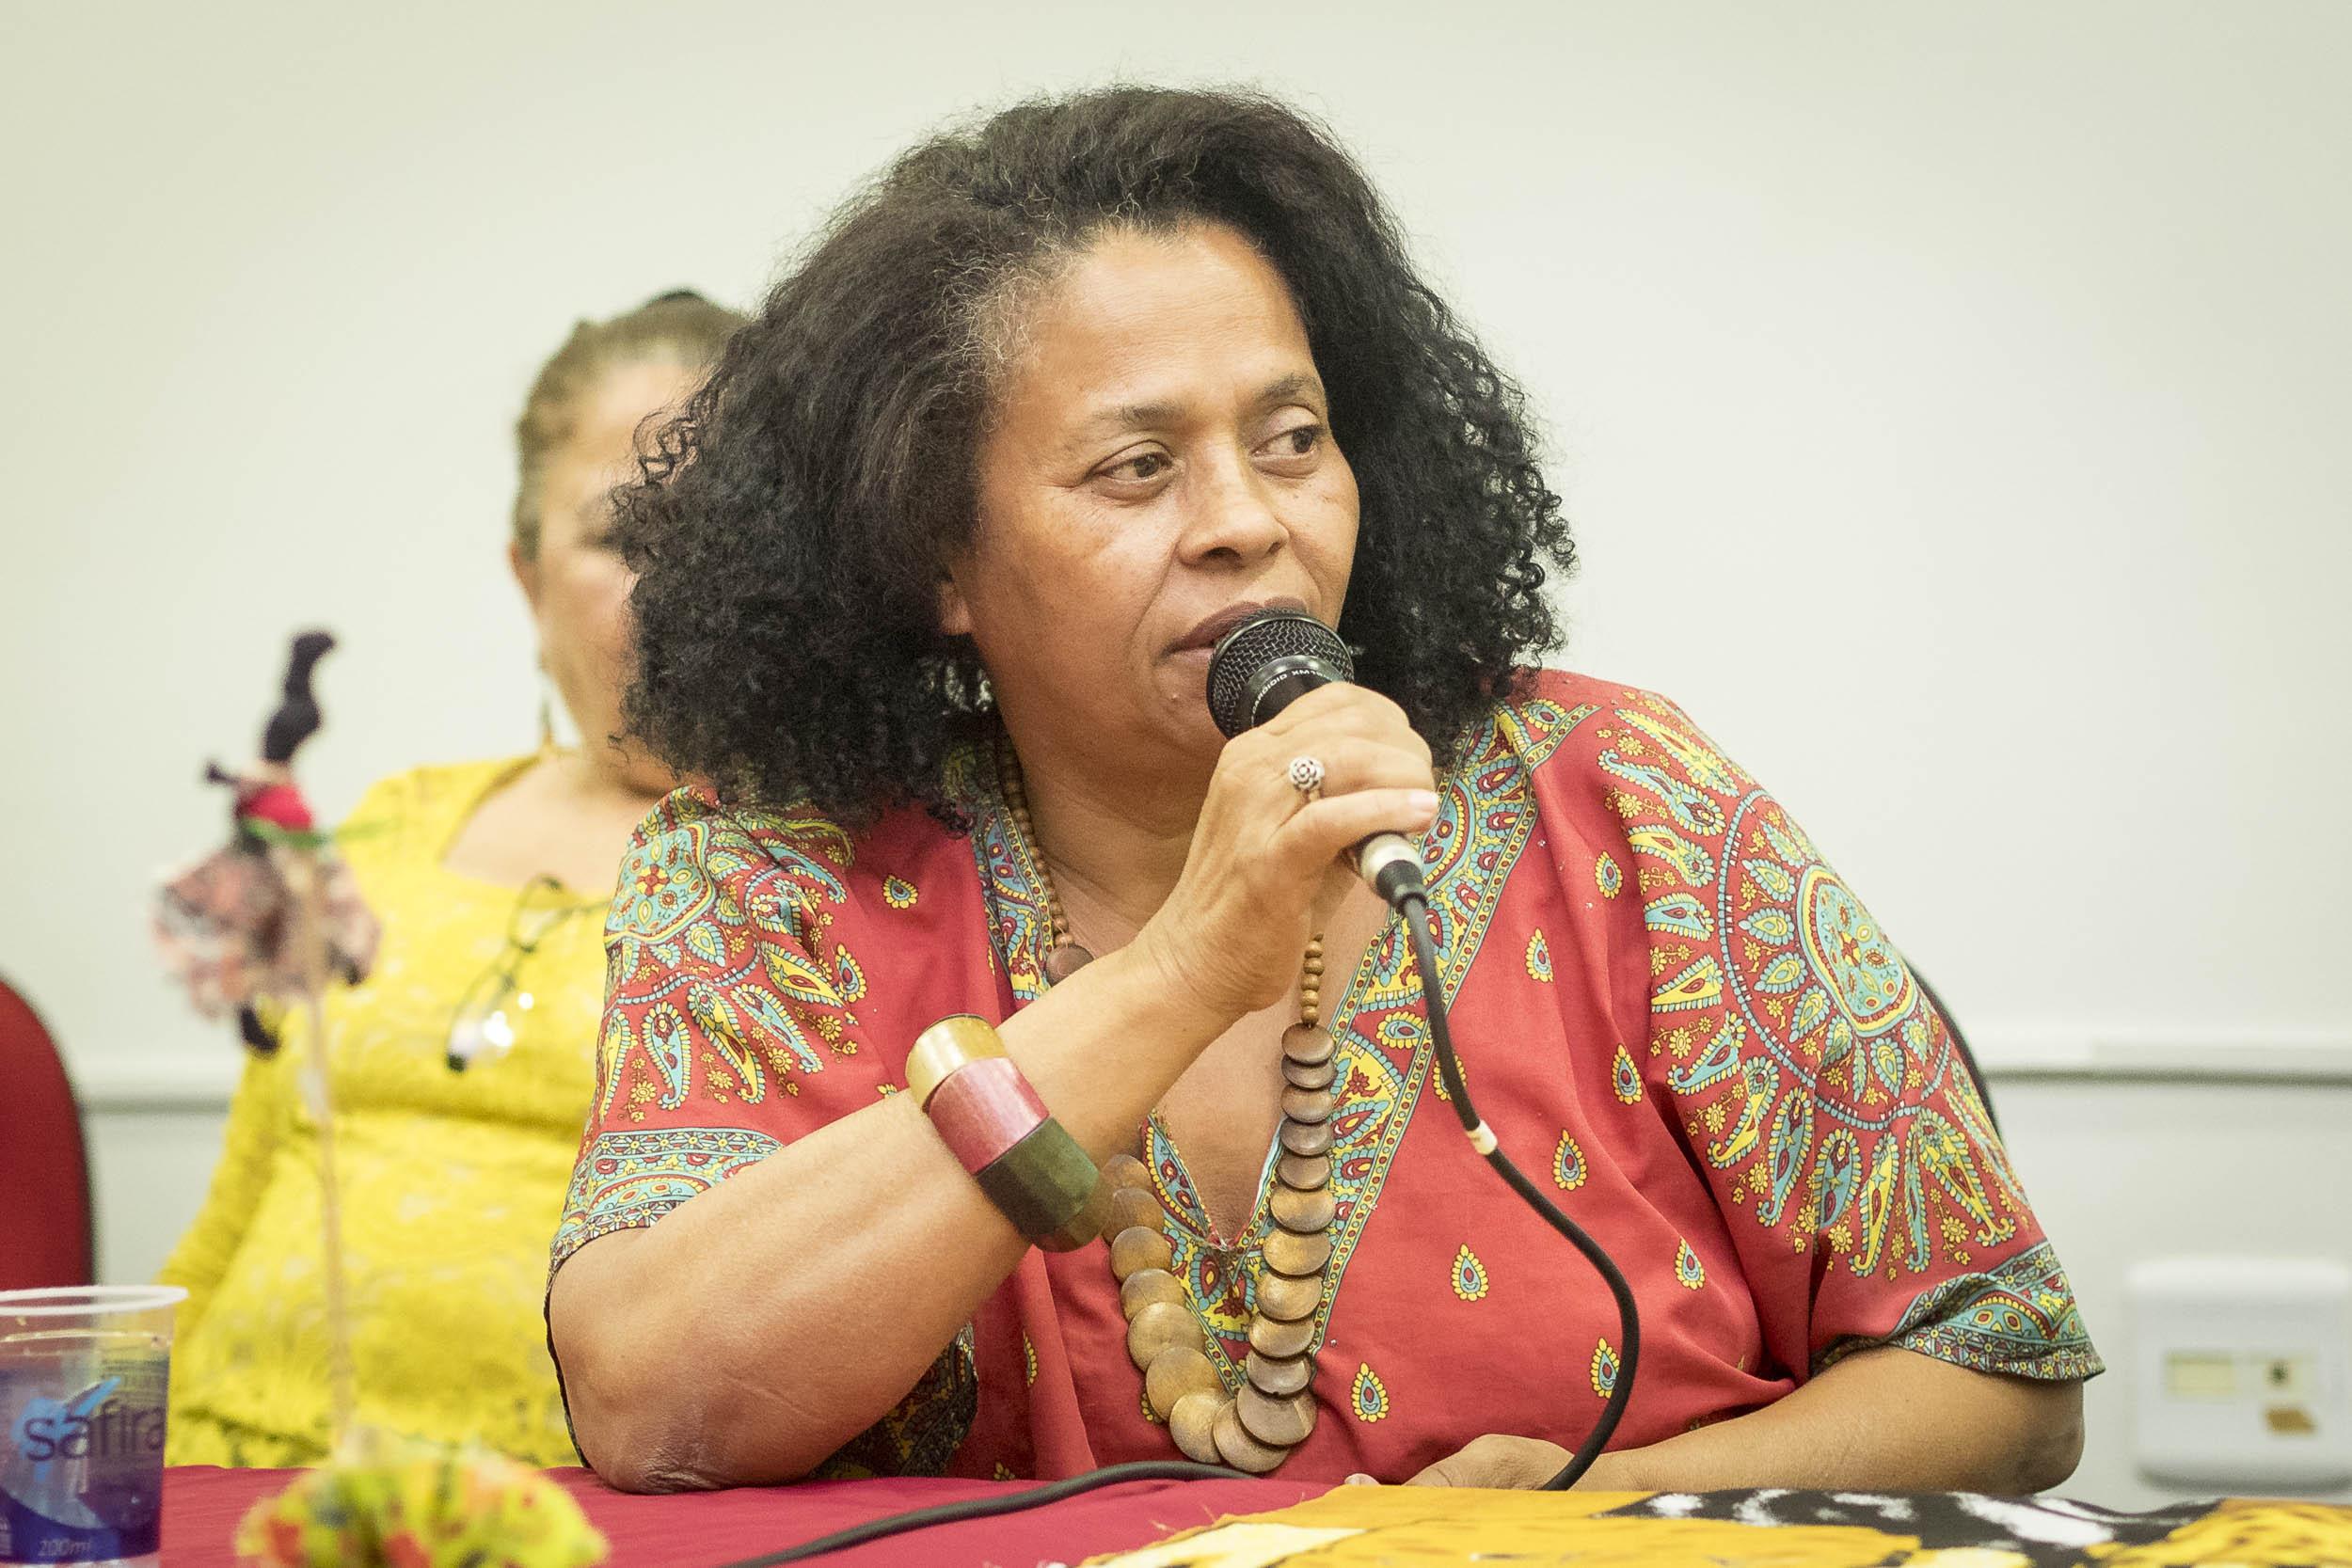 feminismo negro 20170726 1749296495